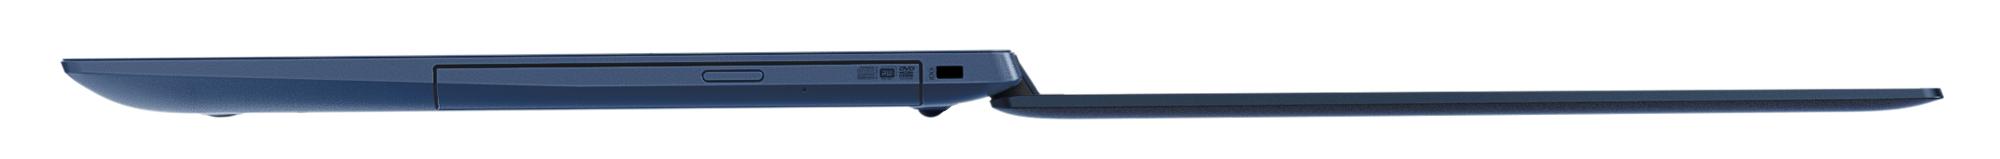 Фото  Ноутбук Lenovo ideapad 330-15 Midnight Blue (81DE01HTRA)